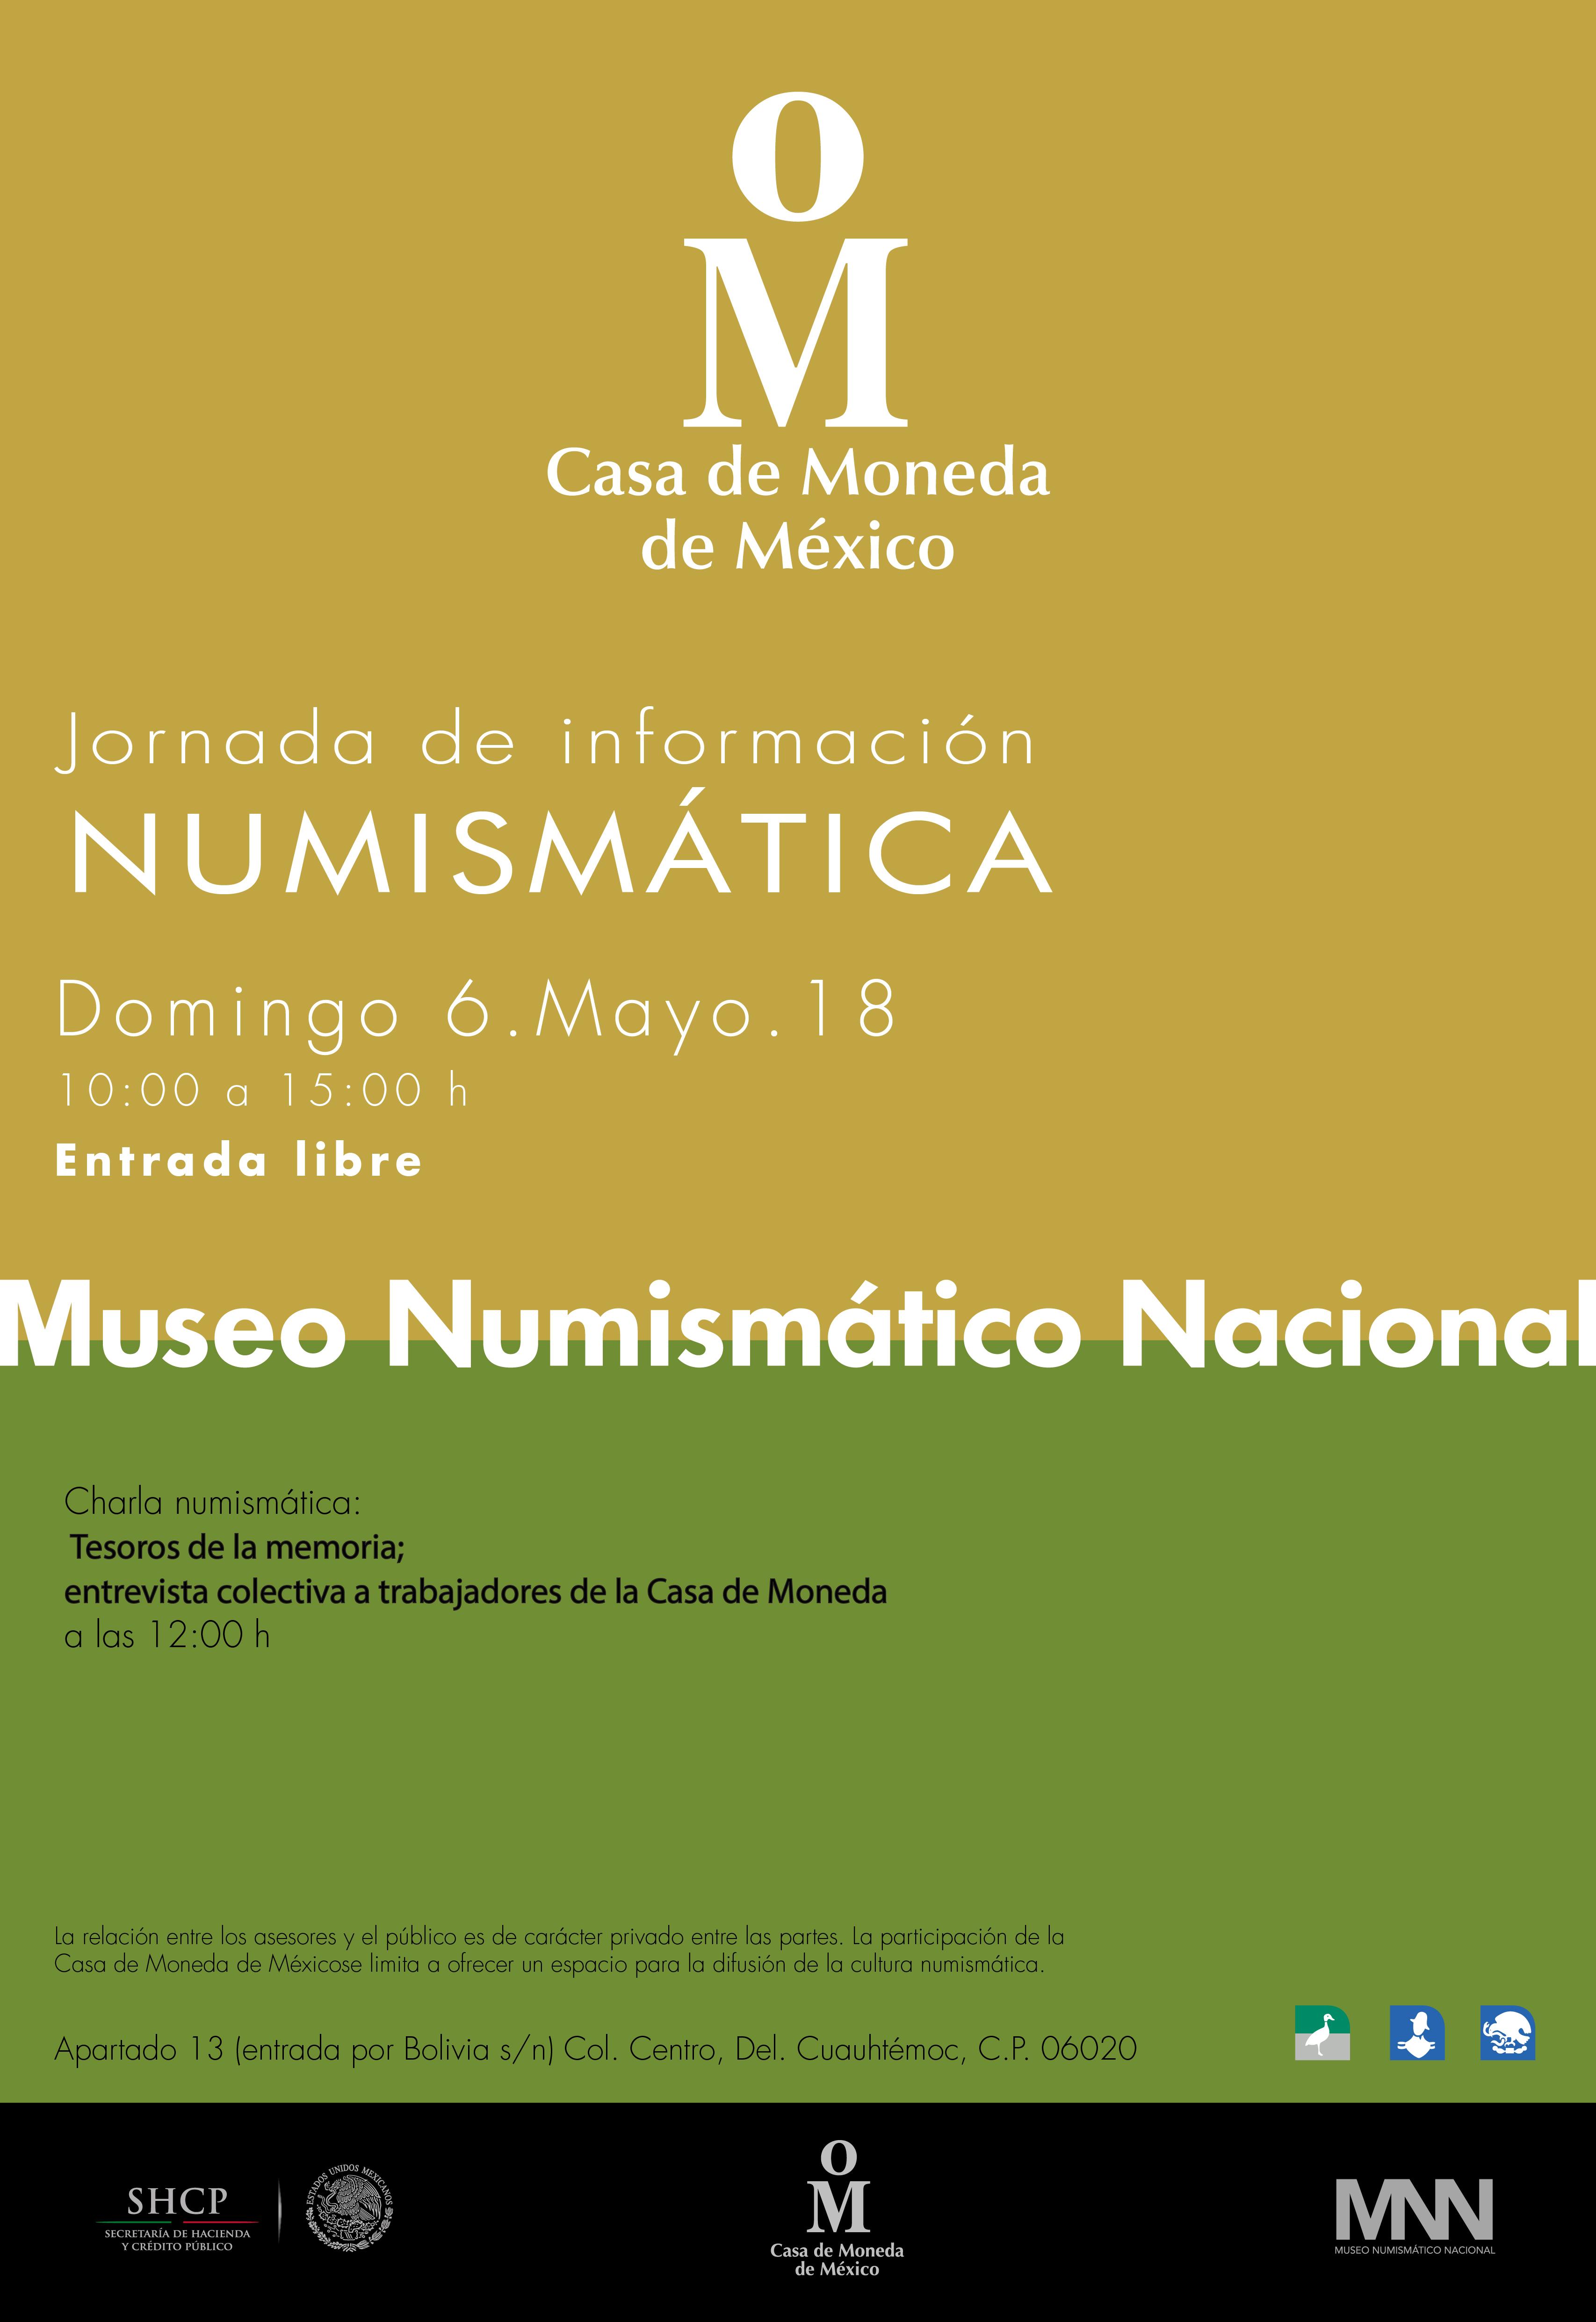 Jornada Numismática de mayo